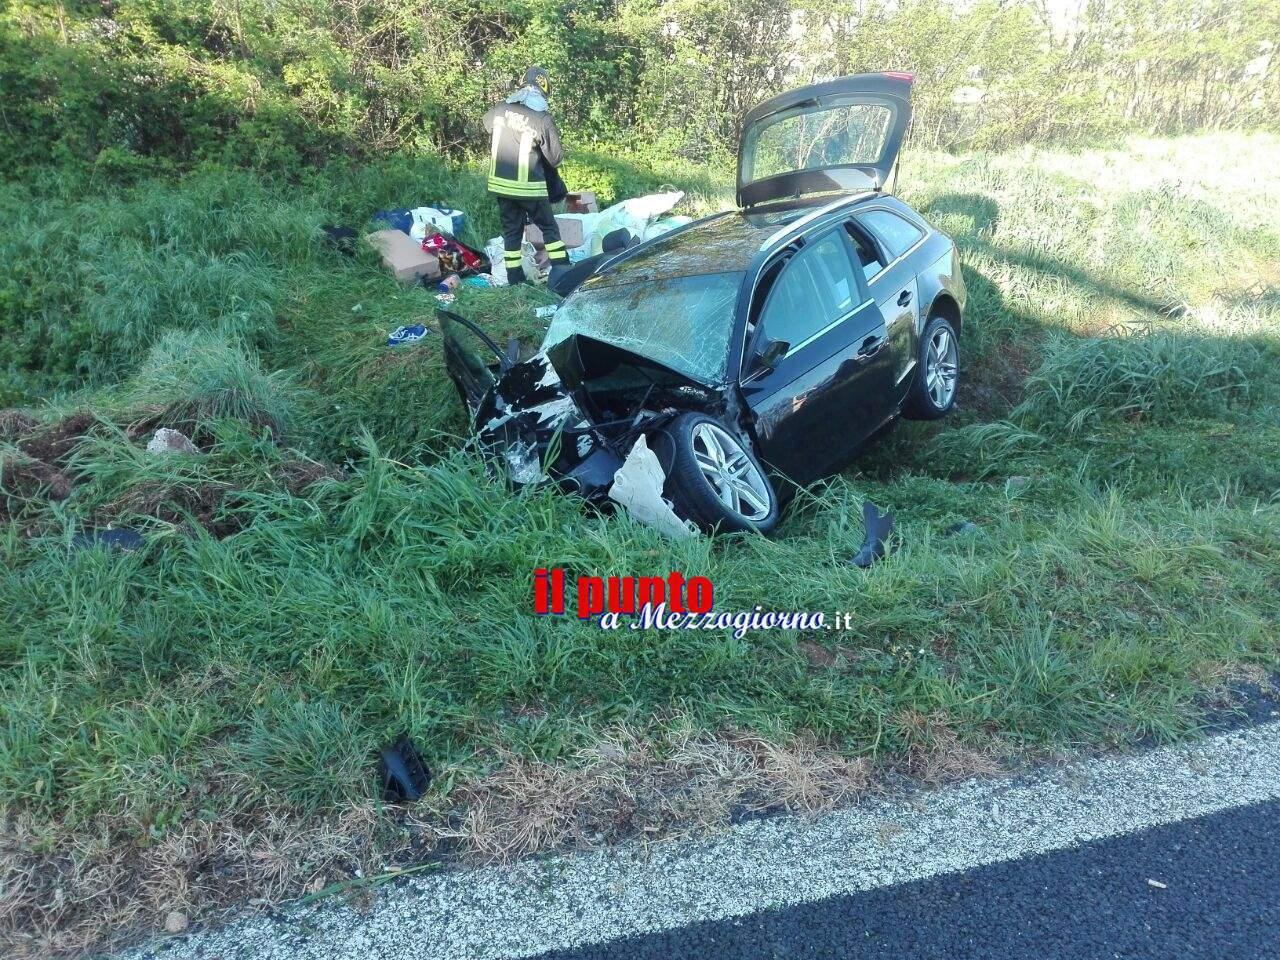 Incidente stradale sull'autostrada A1 tra Ceprano e Pontecorvo, un morto